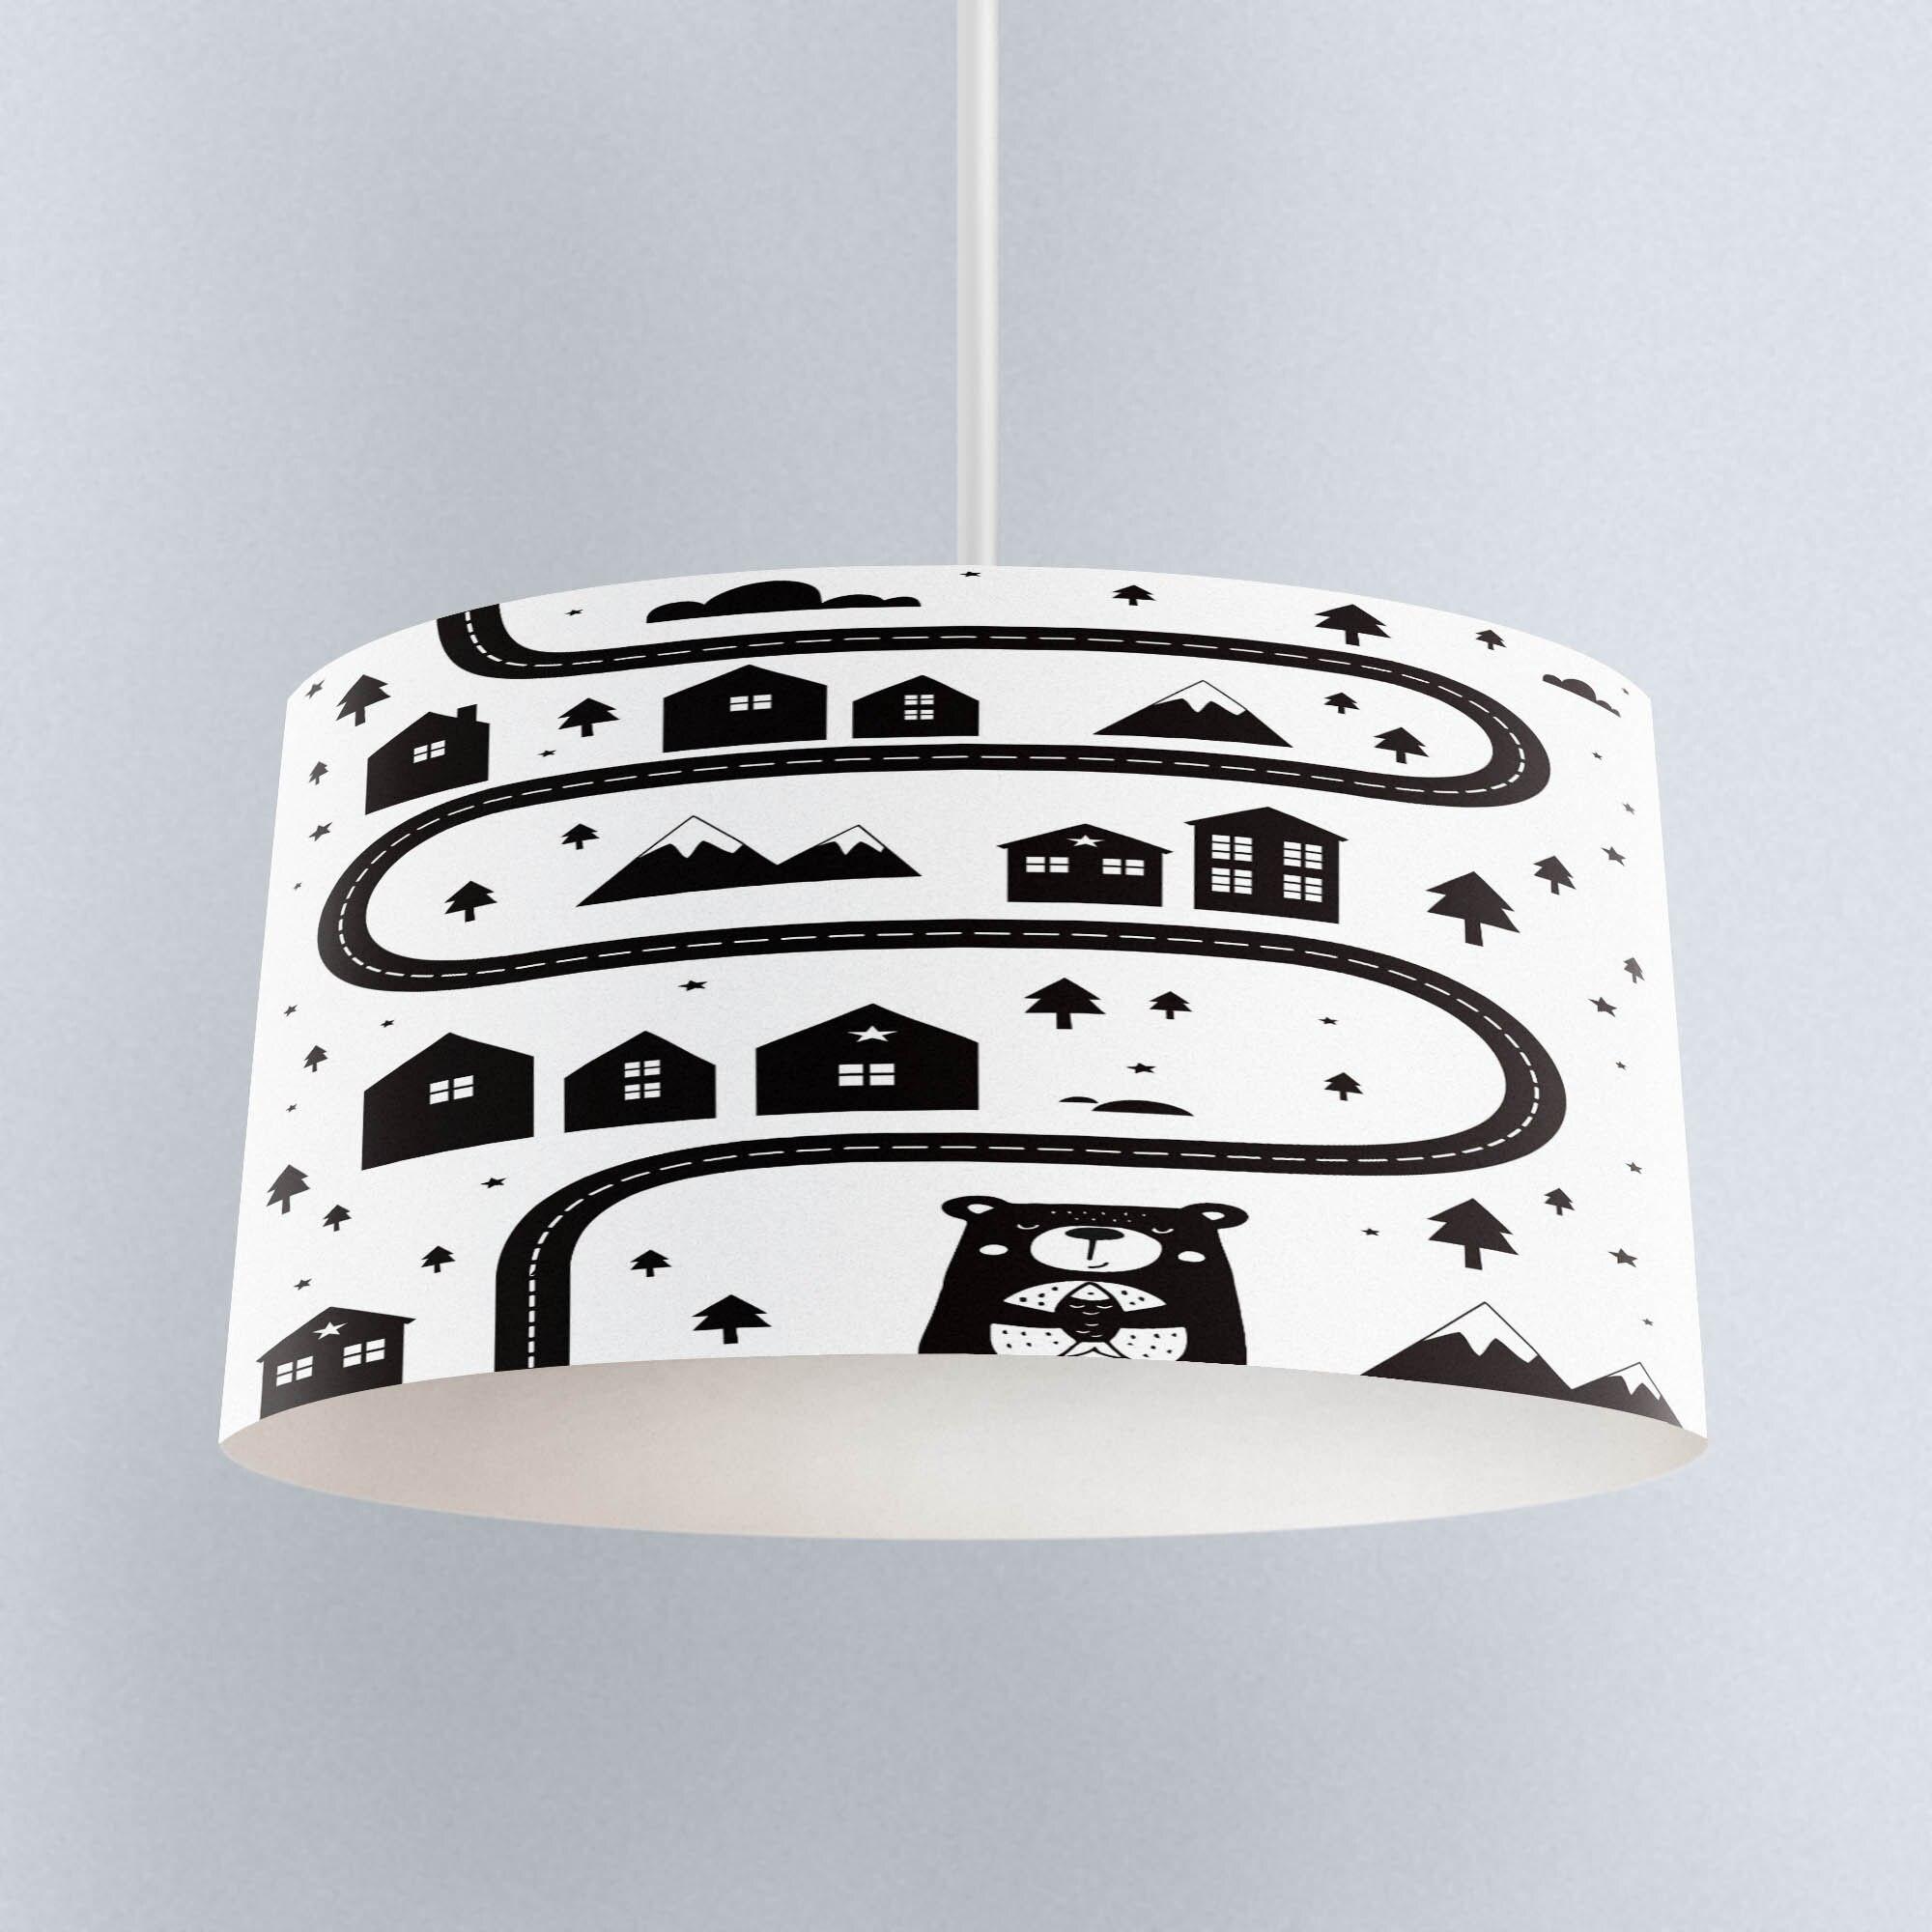 Else juego de carretera blanco negro tela de impresión escandinava lámpara de araña para niños Pantalla de tambor piso techo colgante sombra de luz